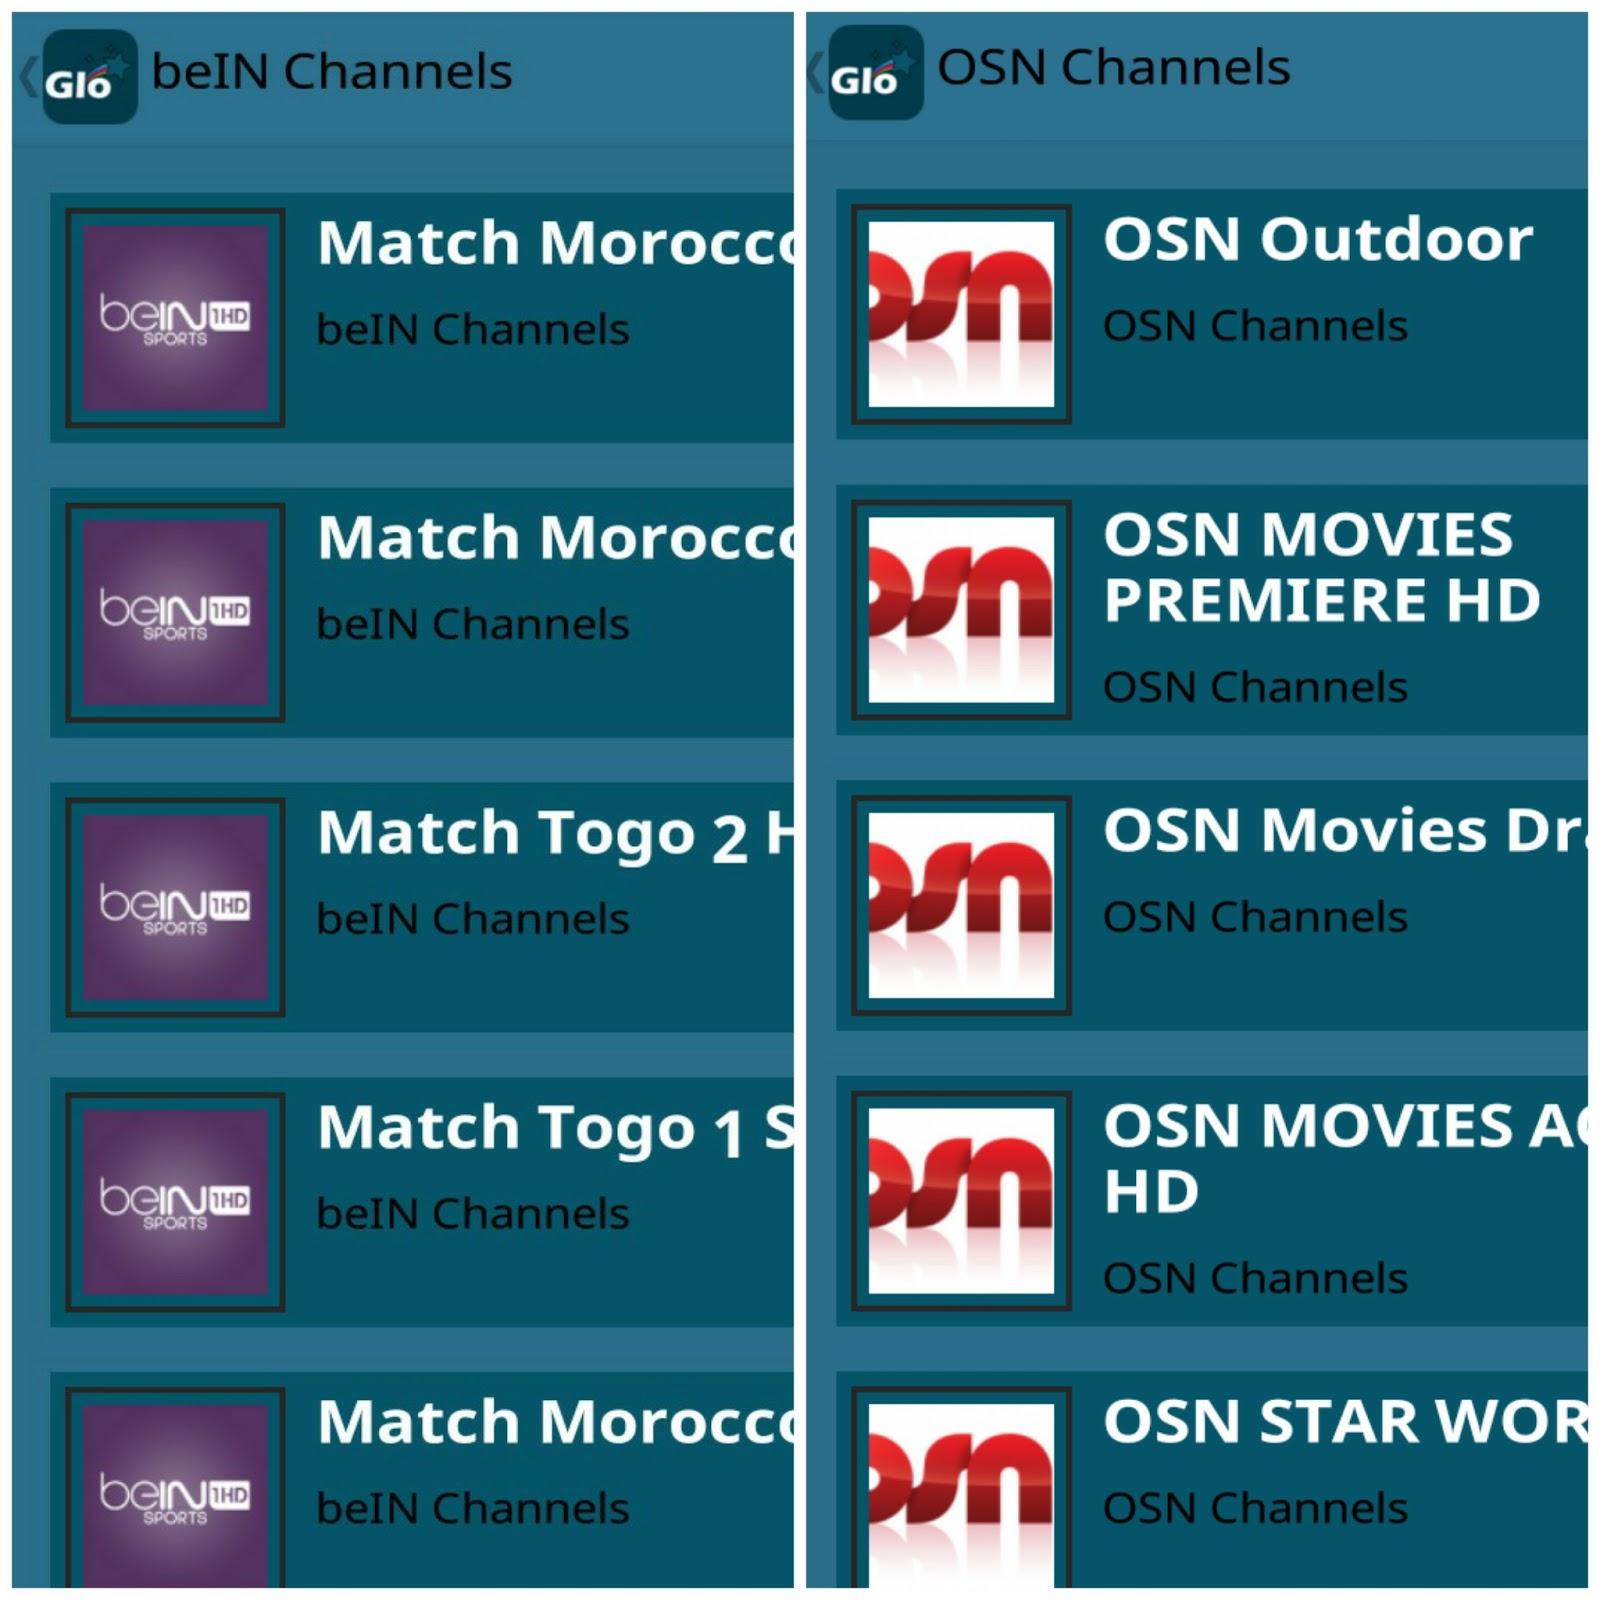 تحميل glostar tv افضل تطبيق لمشاهدة قنوات bein و osn وقنوات